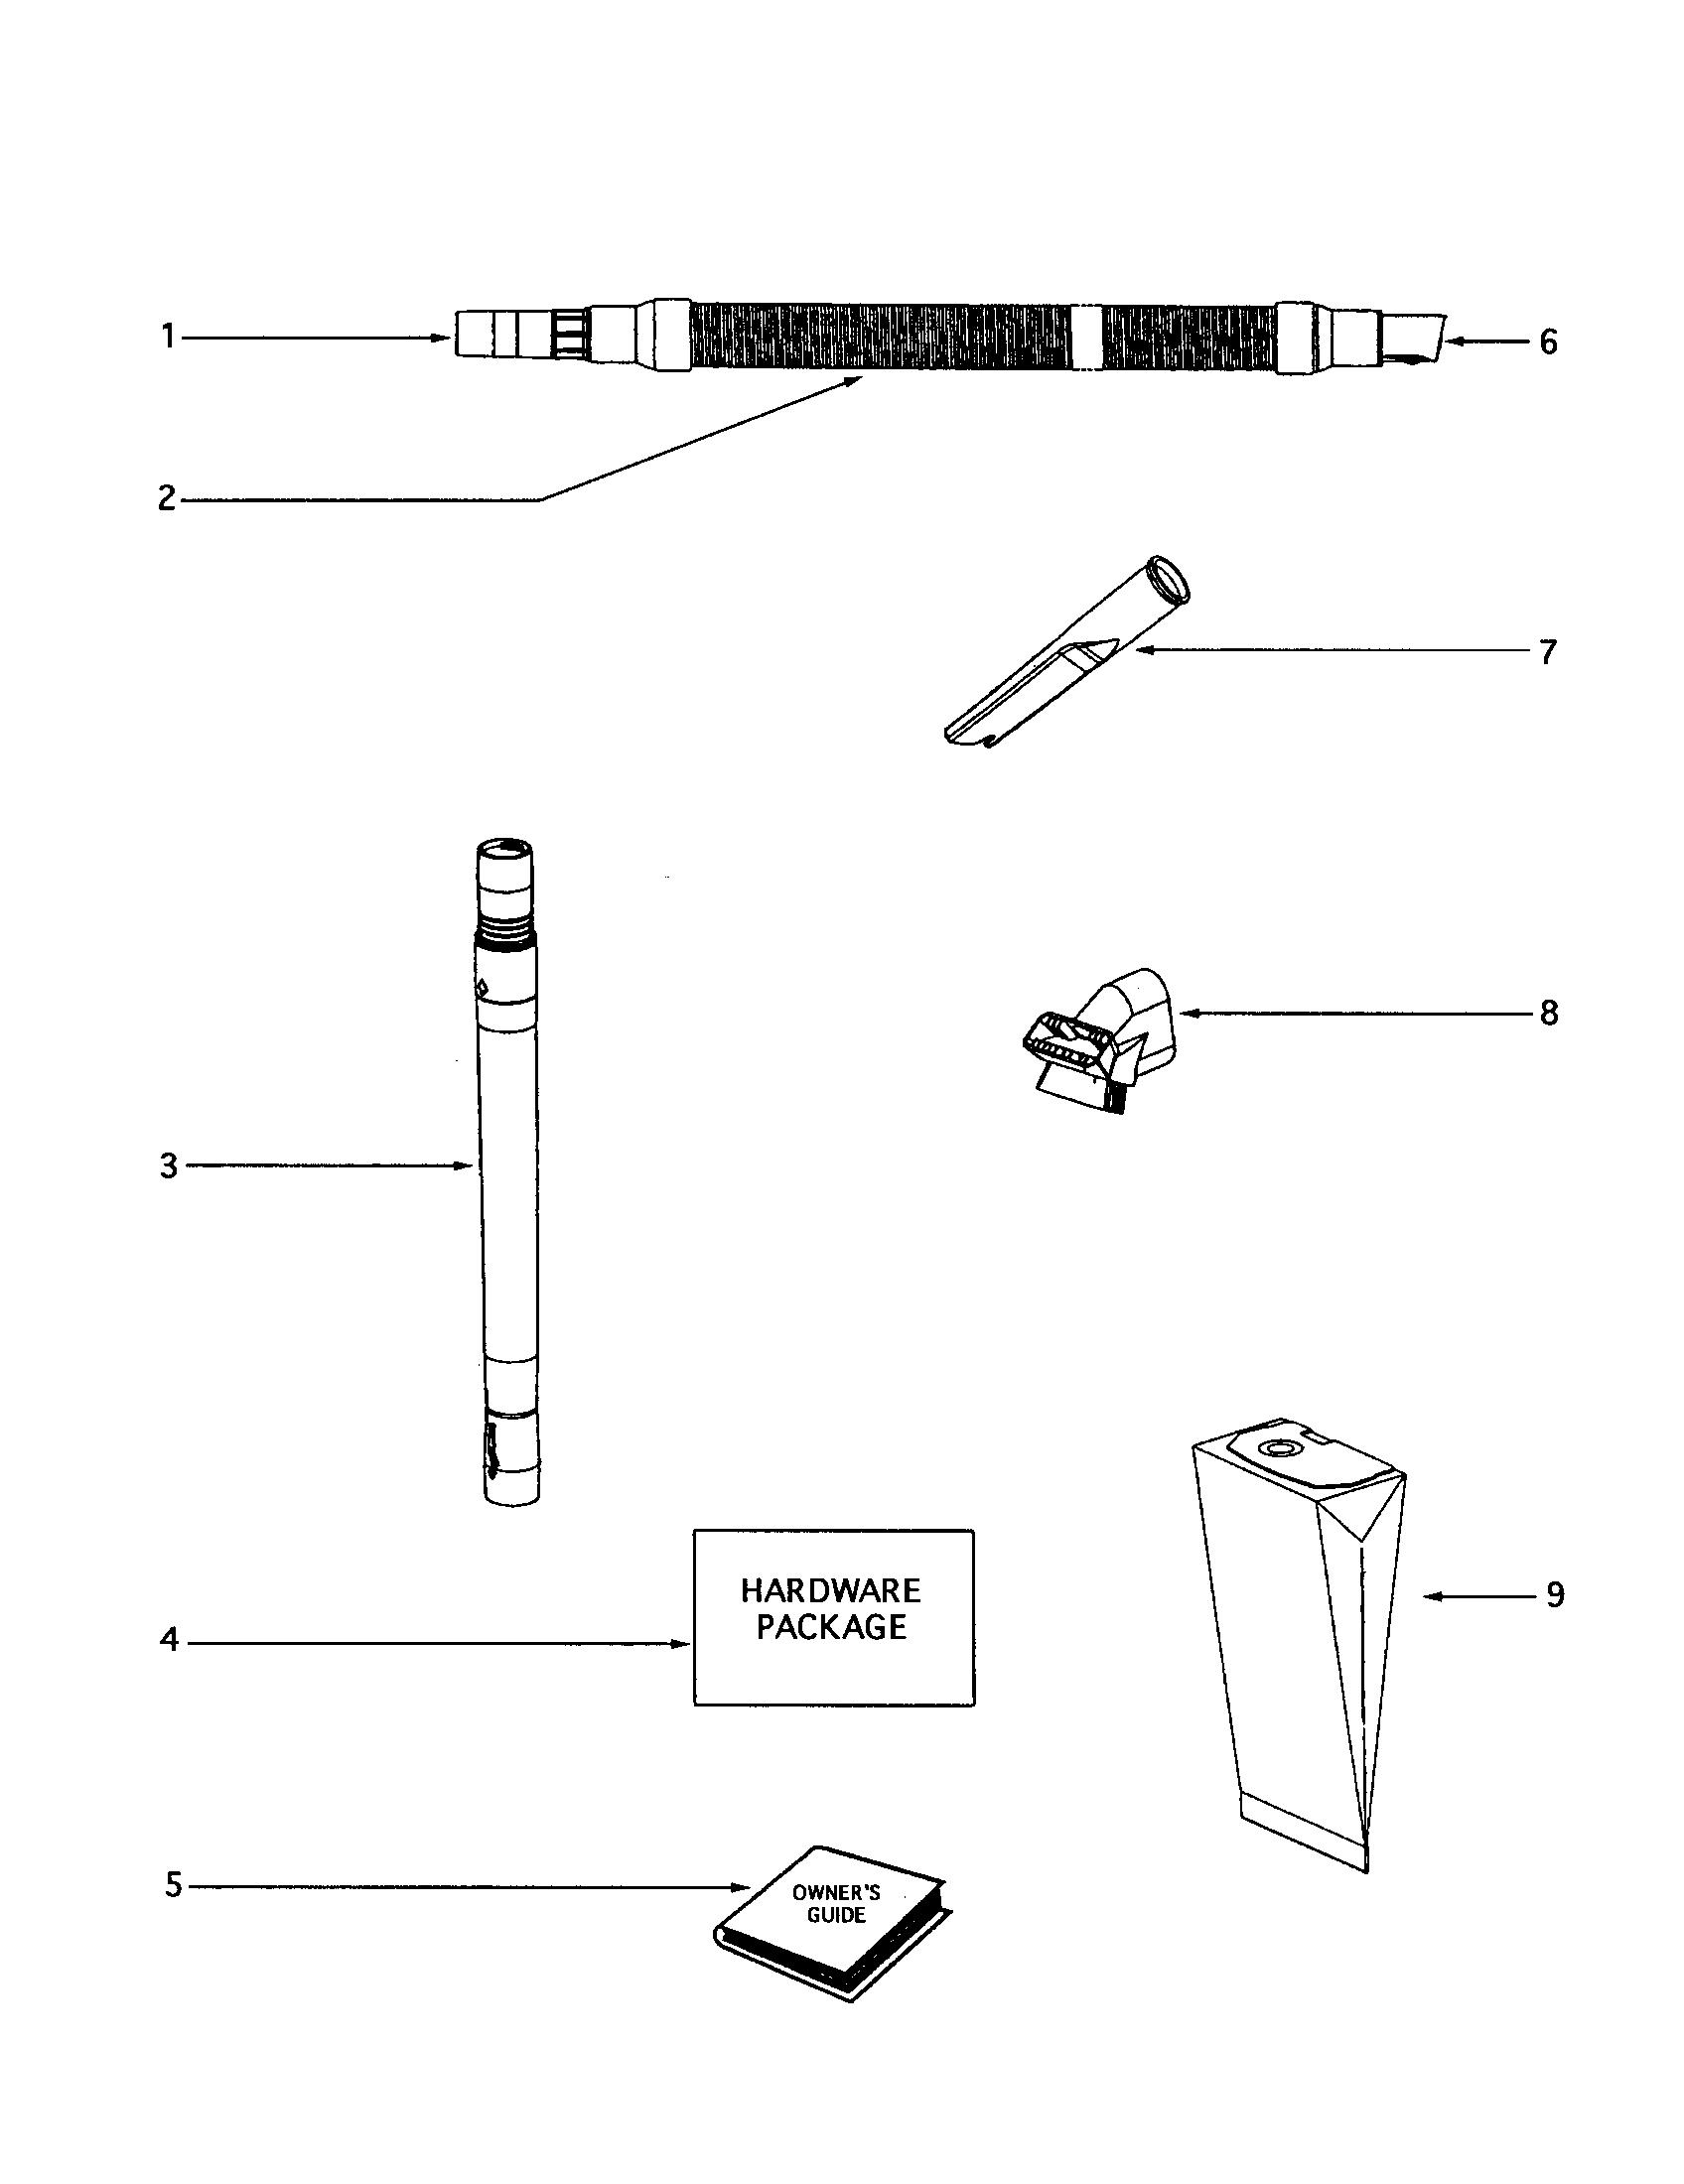 Eureka model 4337BTH vacuum, upright genuine parts